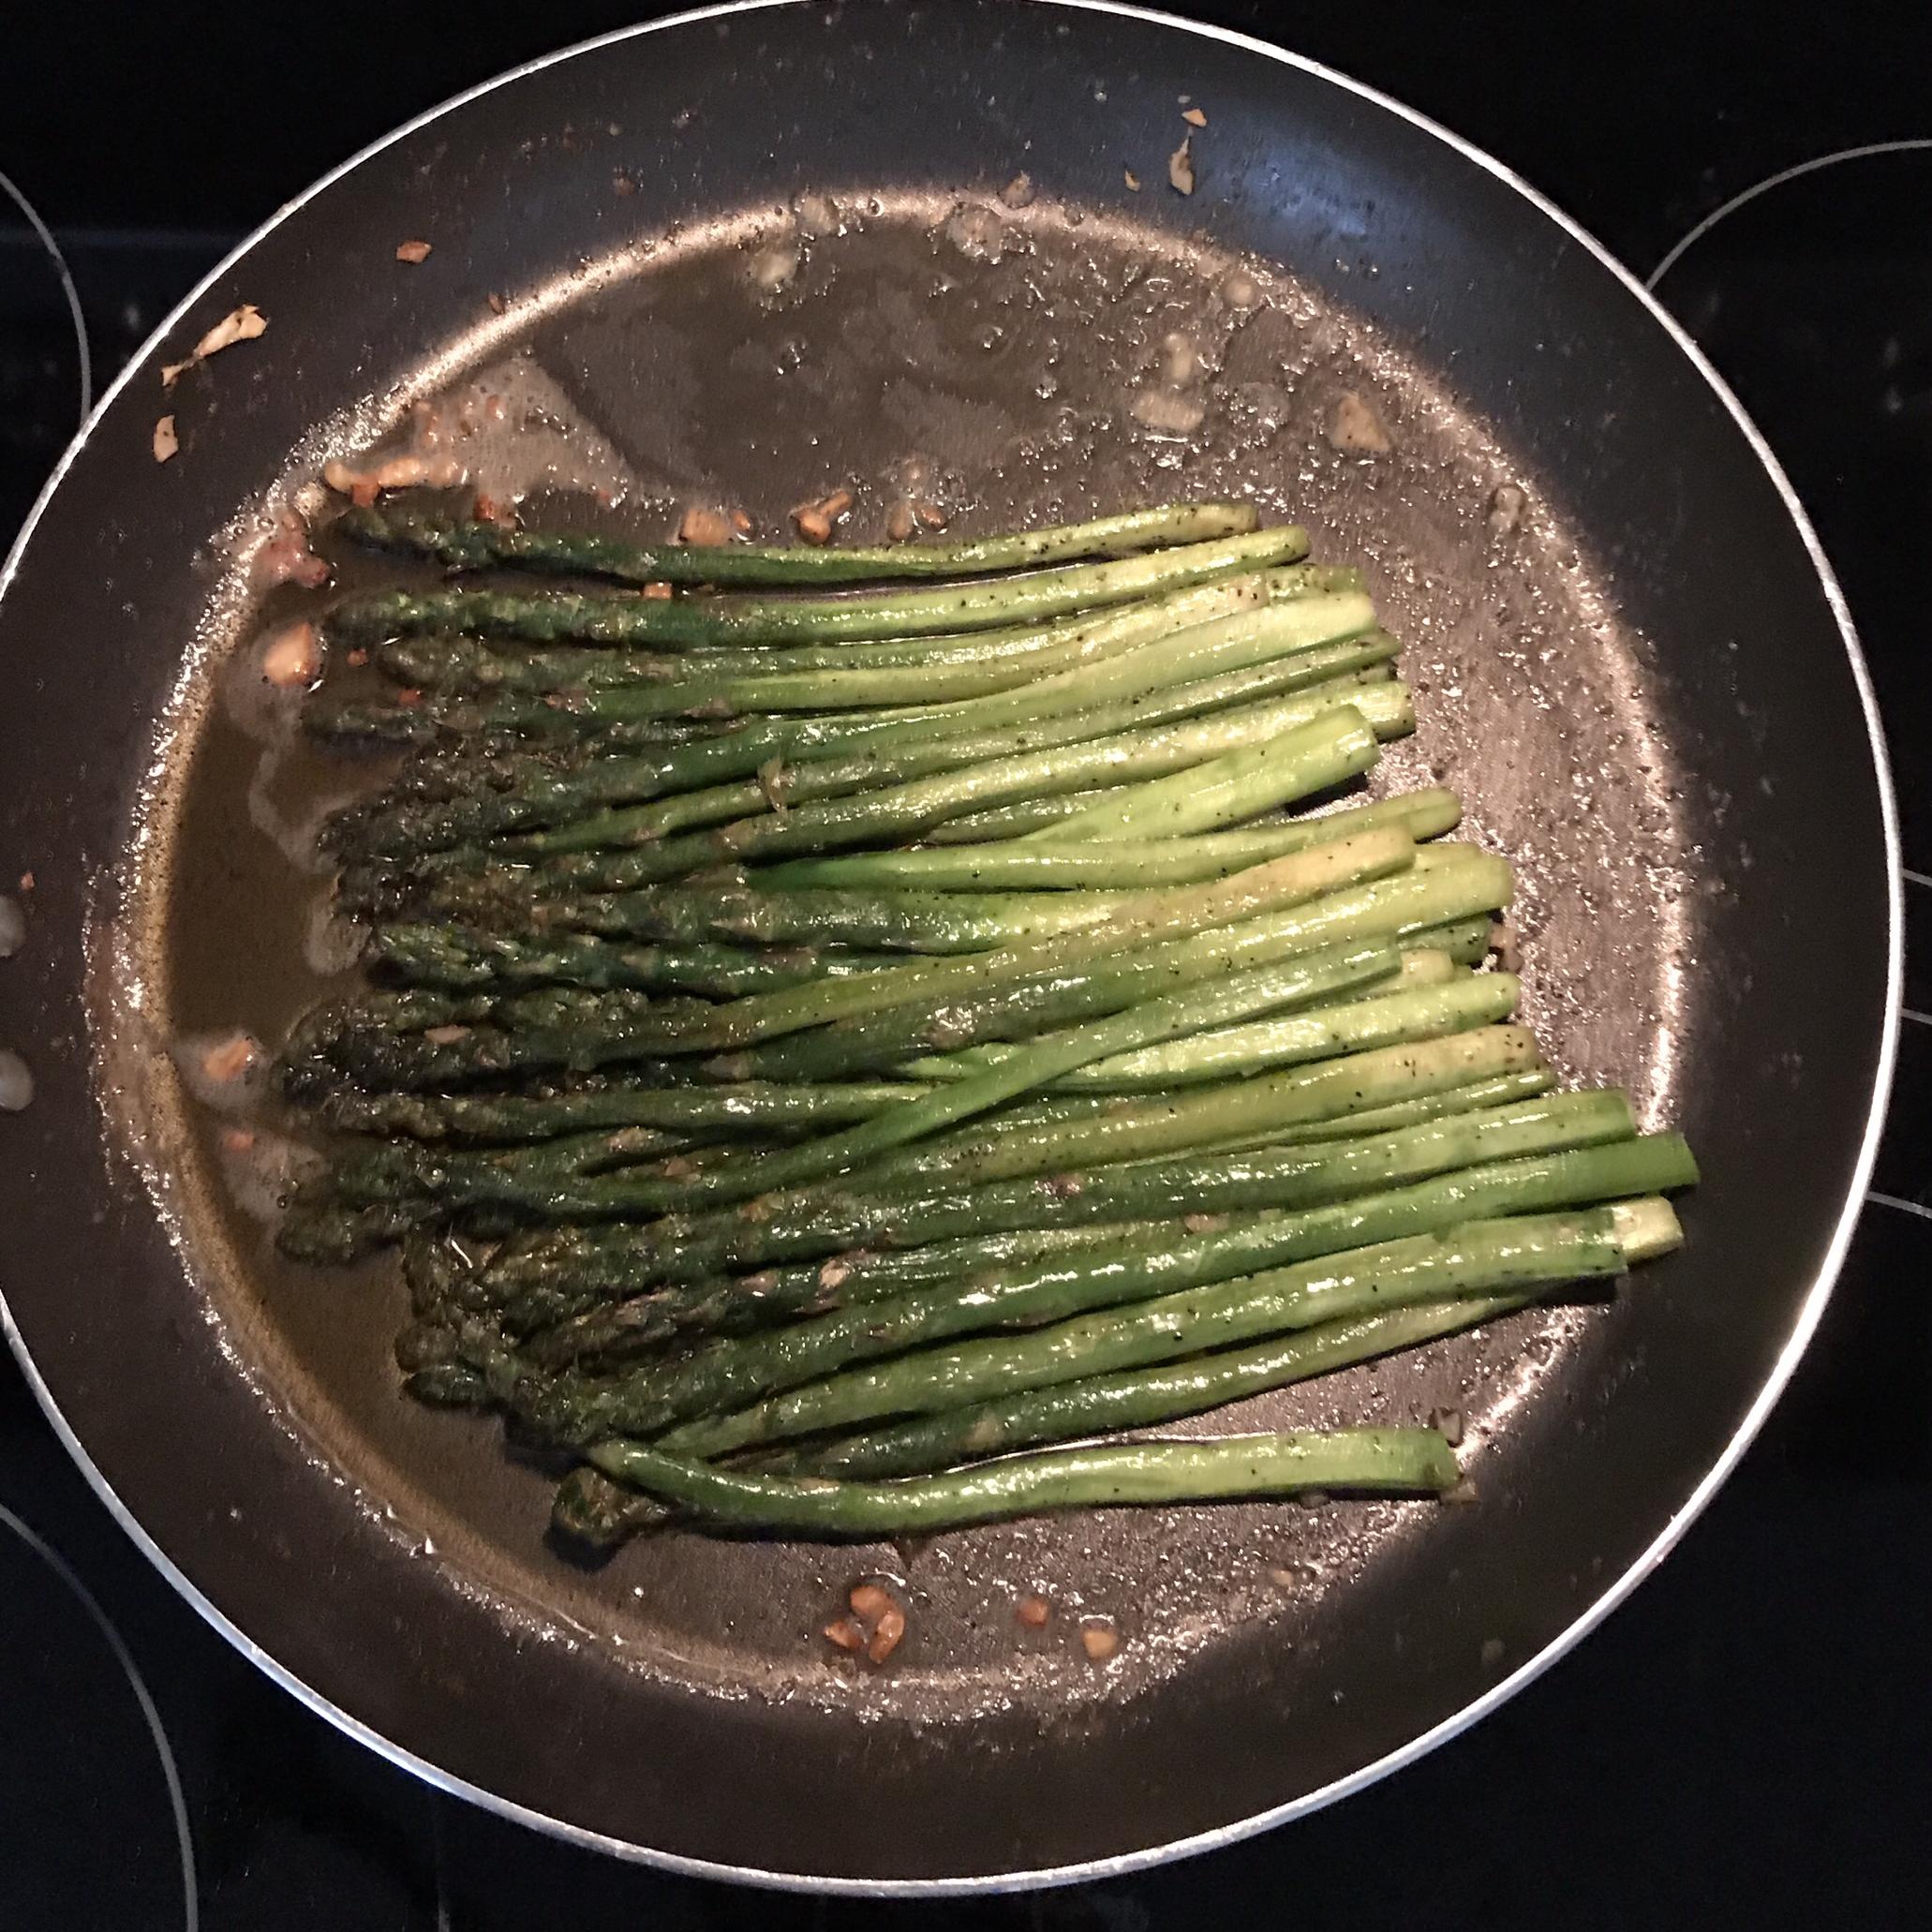 Pan-Fried Asparagus Alyson Mazza